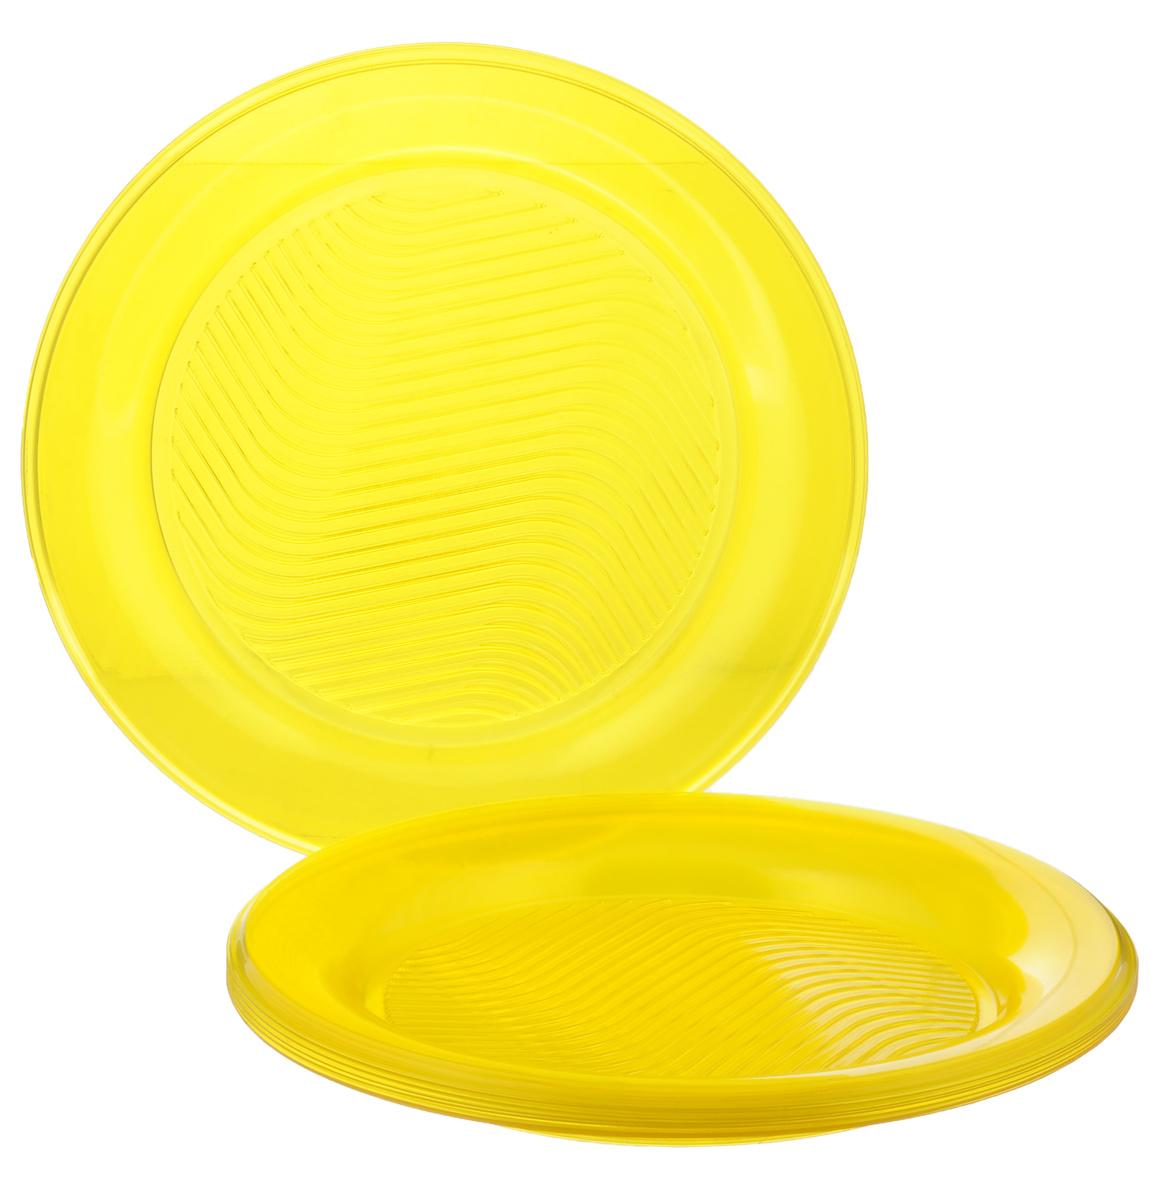 Набор одноразовых тарелок Bibo Super Party, цвет: желтый, диаметр 20,5 см, 10 штПОС30520Набор Bibo Super Party состоит из 10 круглых тарелок, выполненных из высококачественного пластика и предназначенных для одноразового использования. Изделия декорированы рельефным узором.Одноразовые тарелки будут незаменимы при поездках на природу, пикниках и других мероприятиях. Они не займут много места, легки и самое главное - после использования их не надо мыть.Диаметр тарелки: 20,5 см.Высота тарелки: 1,5 см.